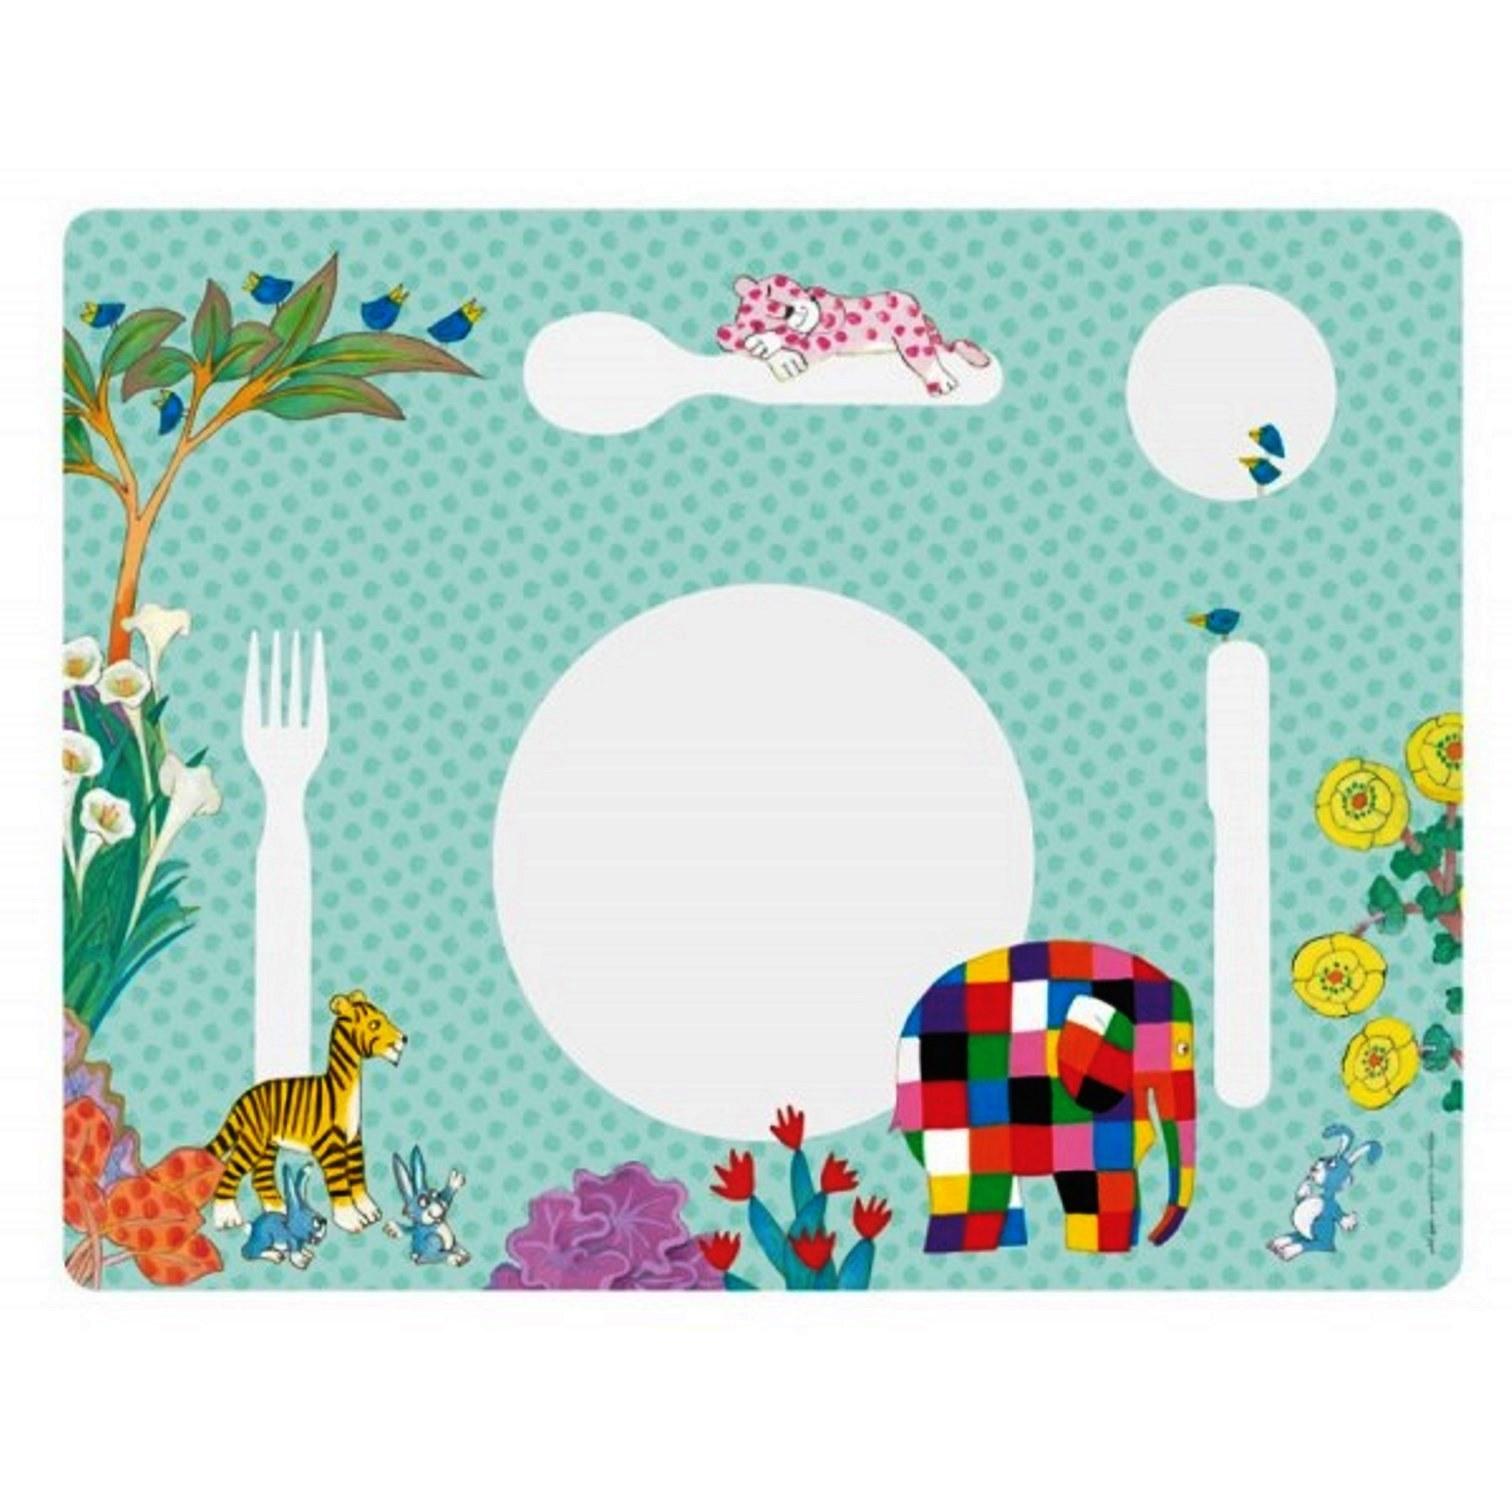 """Онлайн каталог PROMENU: Подставка под тарелку """"Животные"""" Maison Petit Jour ELMER, голубой                               EL914H"""